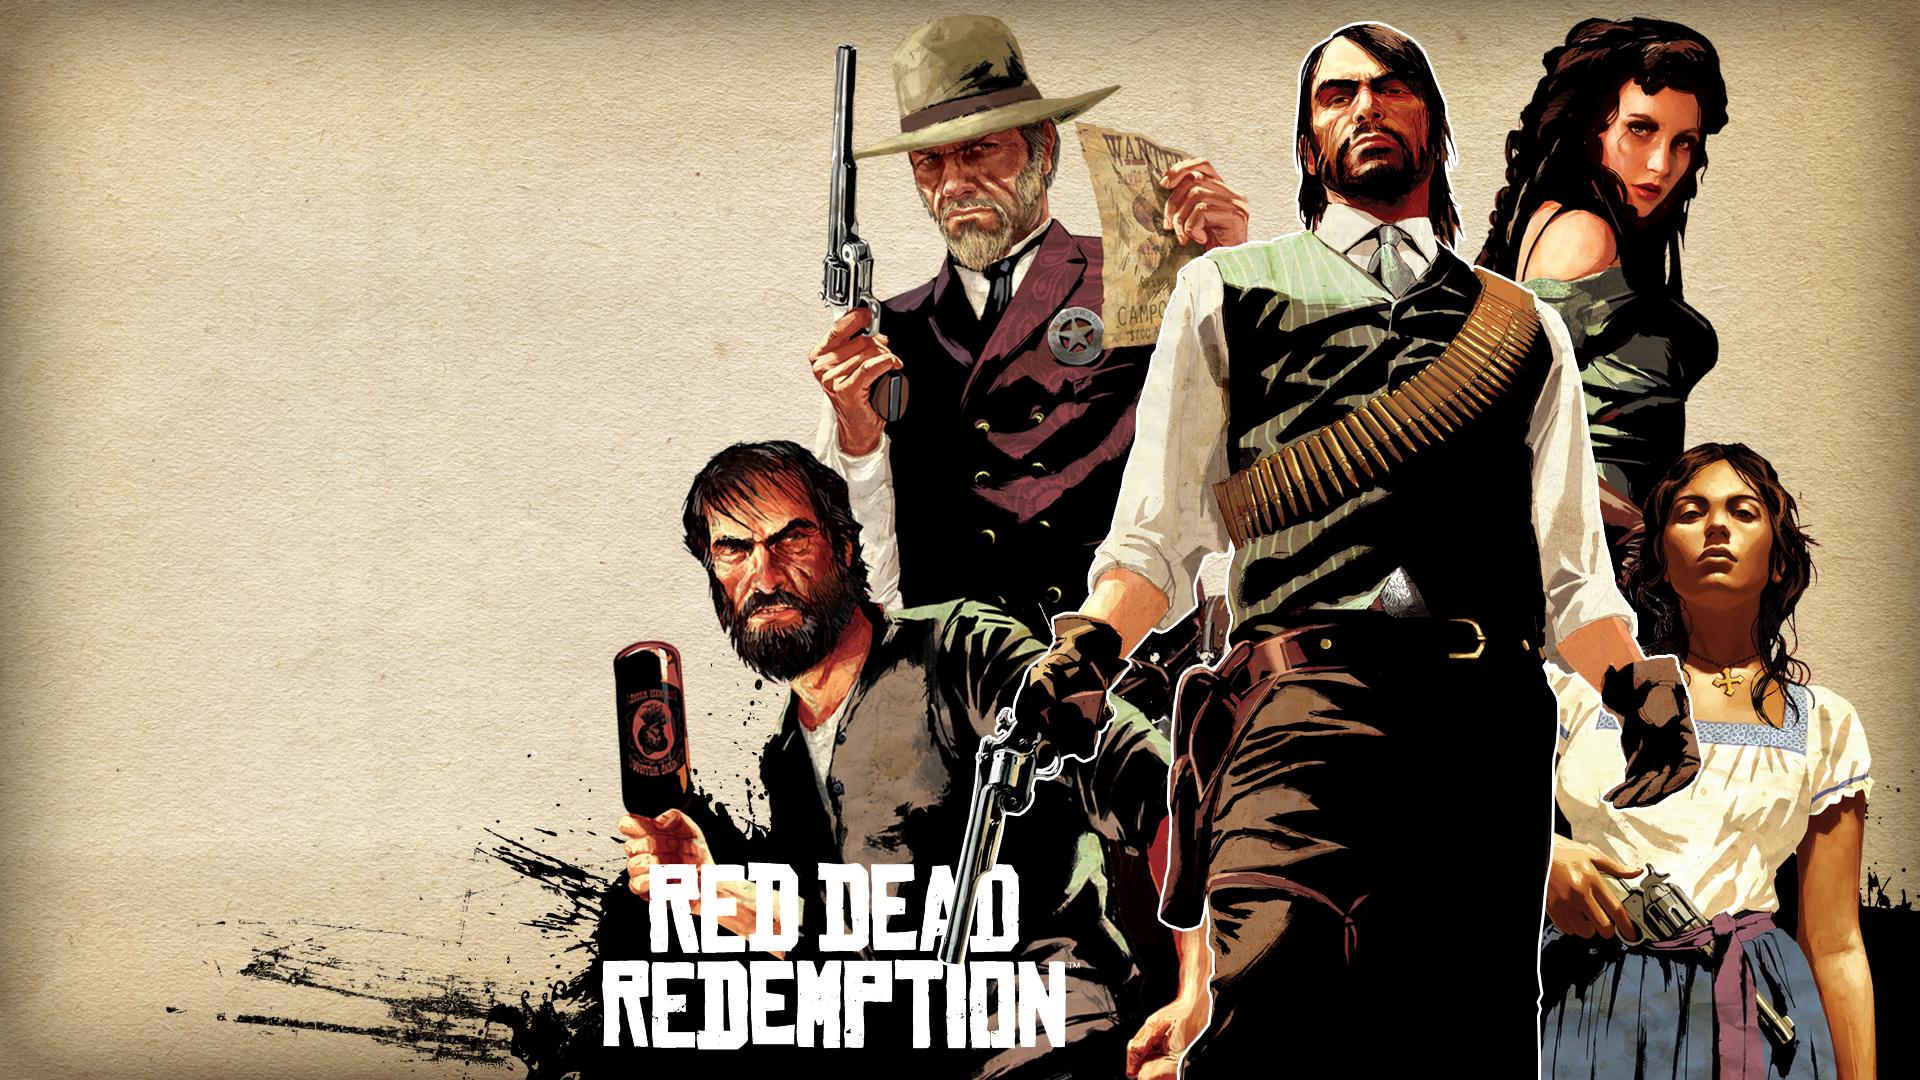 Fondos De Pantalla 1920x1080 Red Dead Redemption Juegos